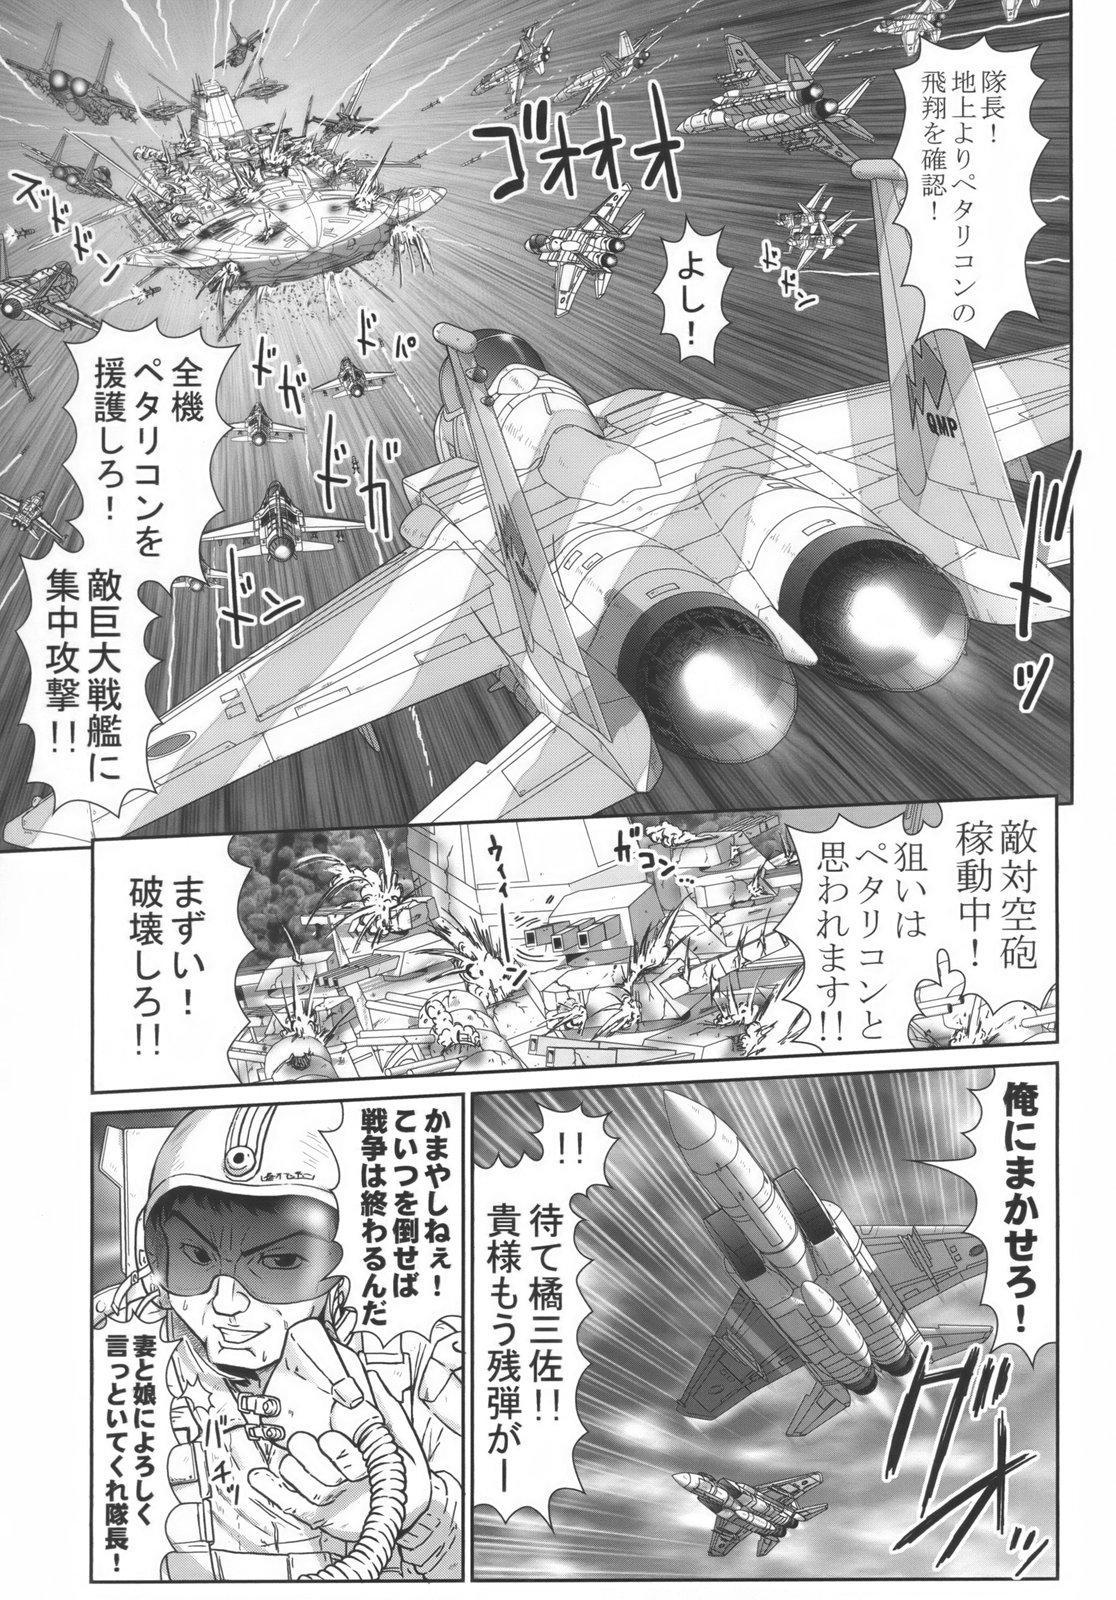 Bishoujo Sentai Petalicon gaiden 37